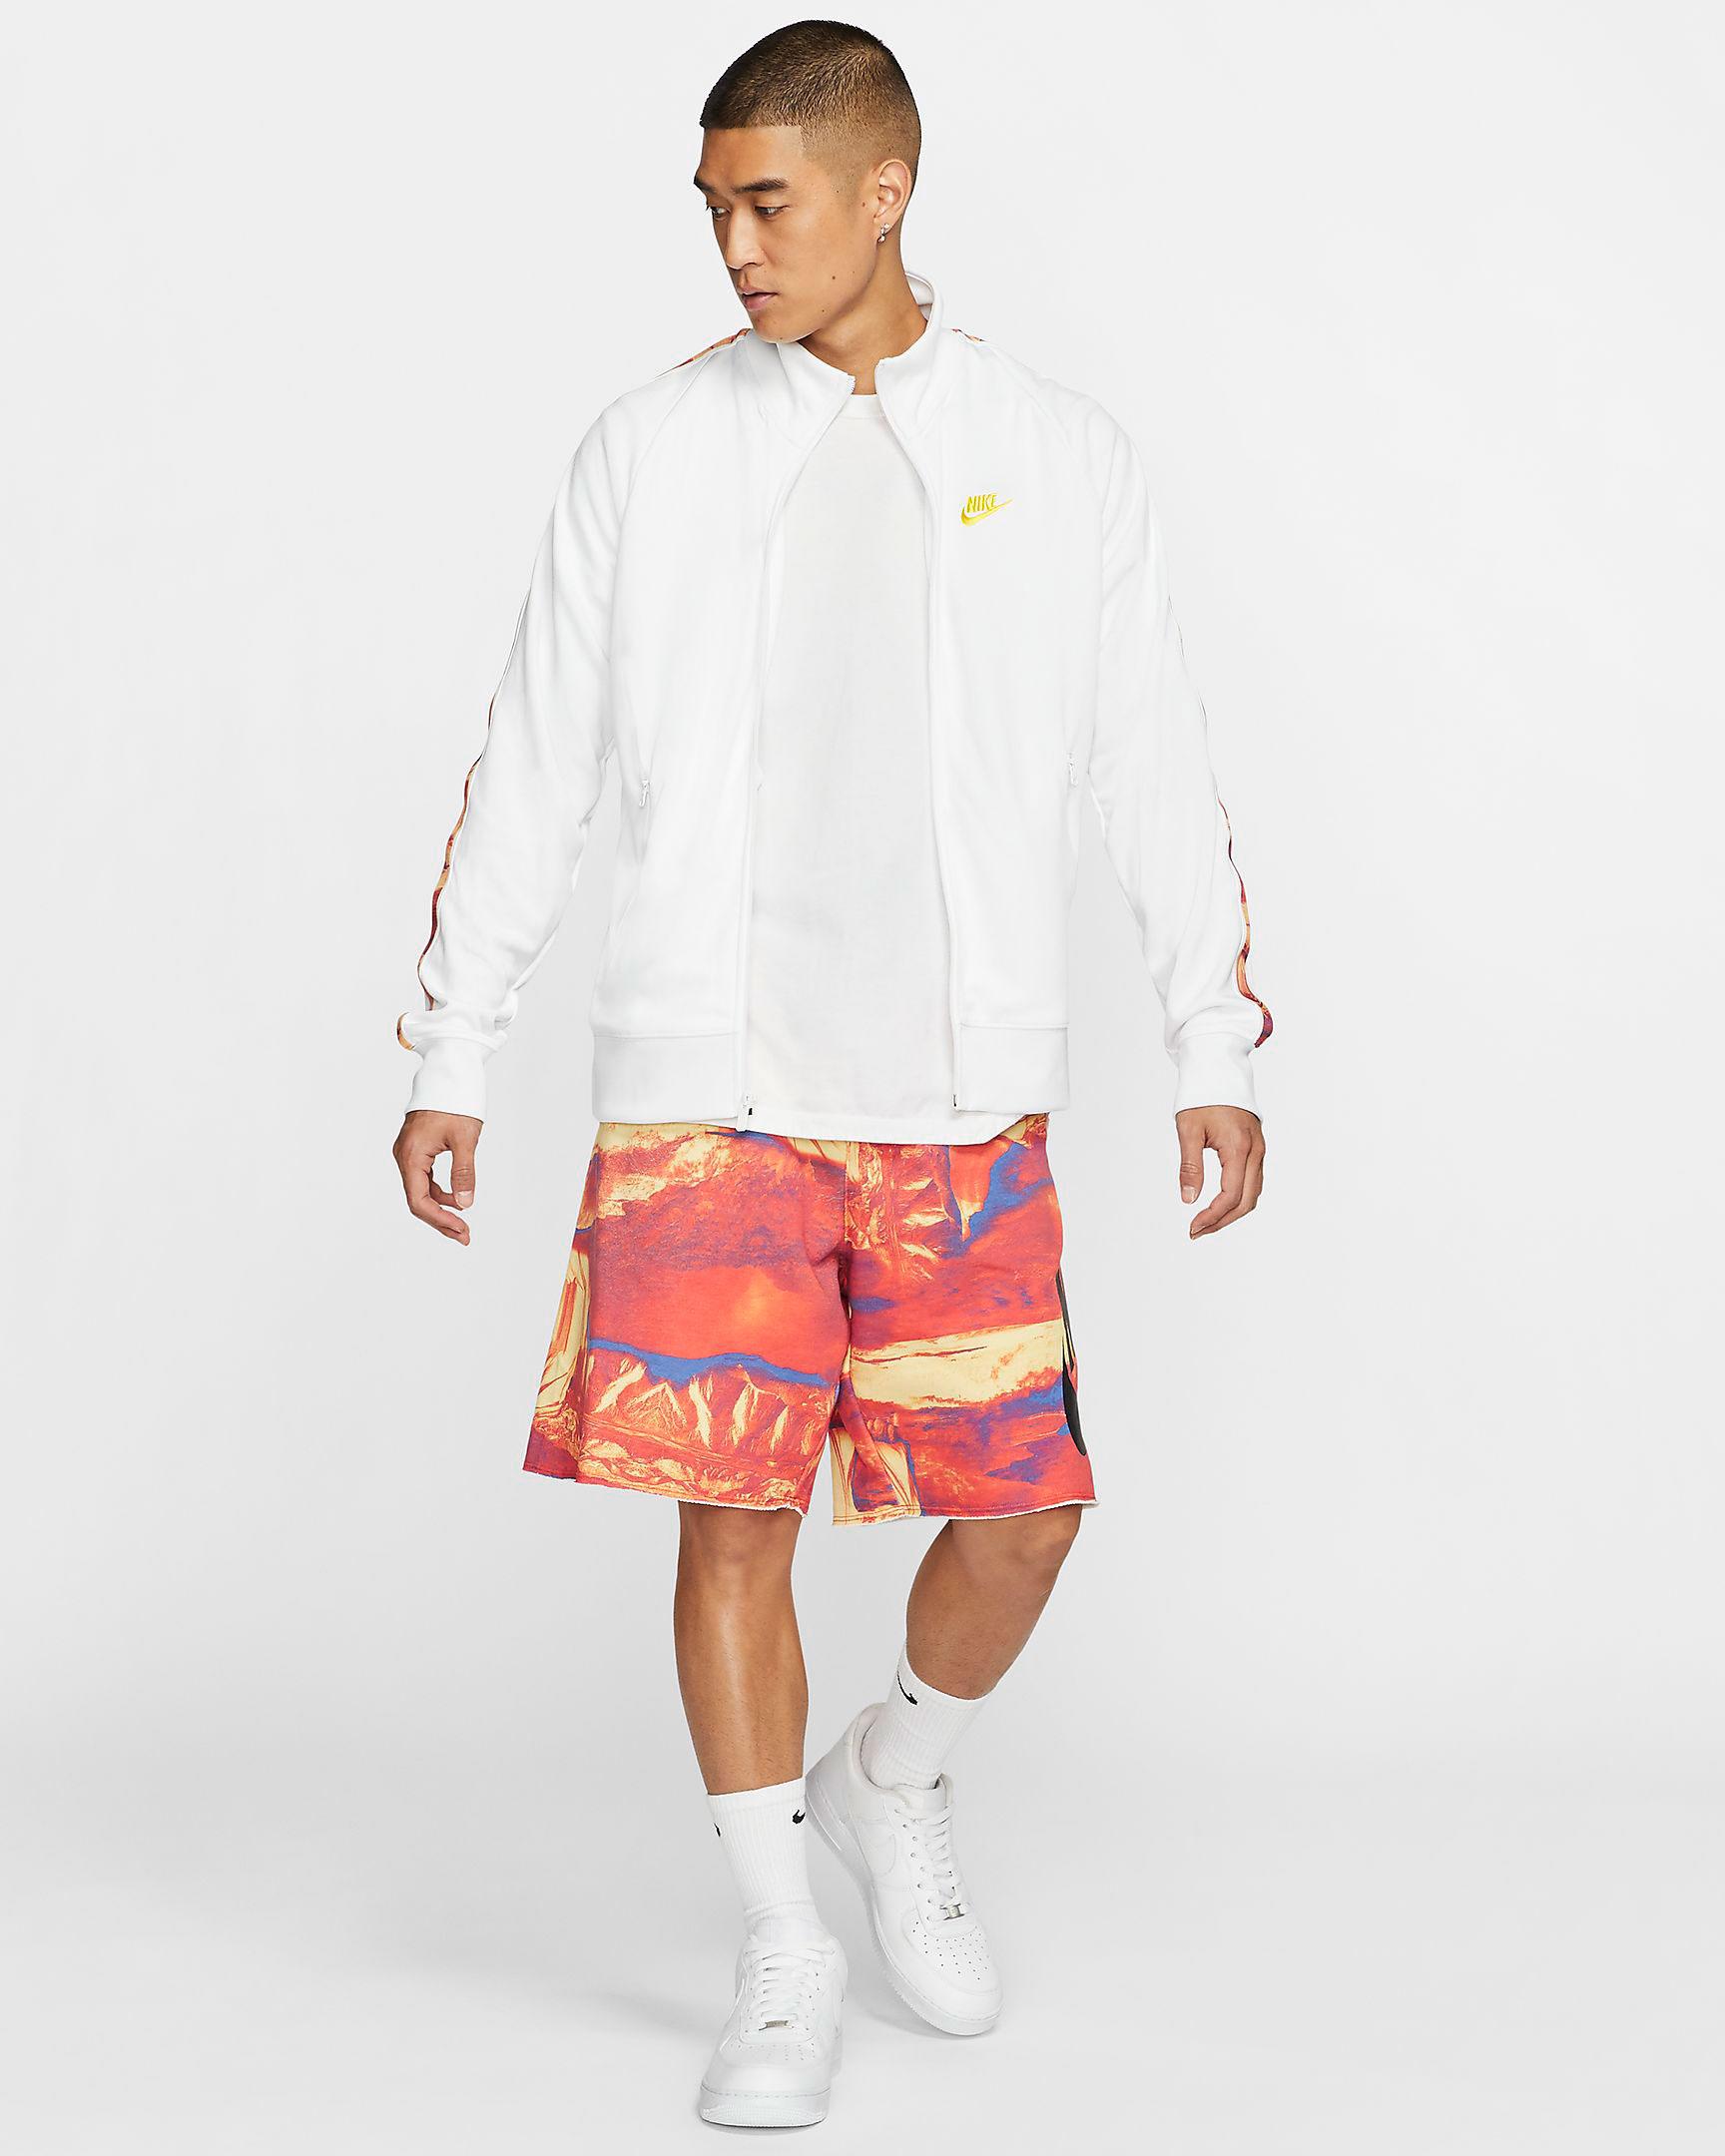 nike-organic-distortion-jacket-white-3